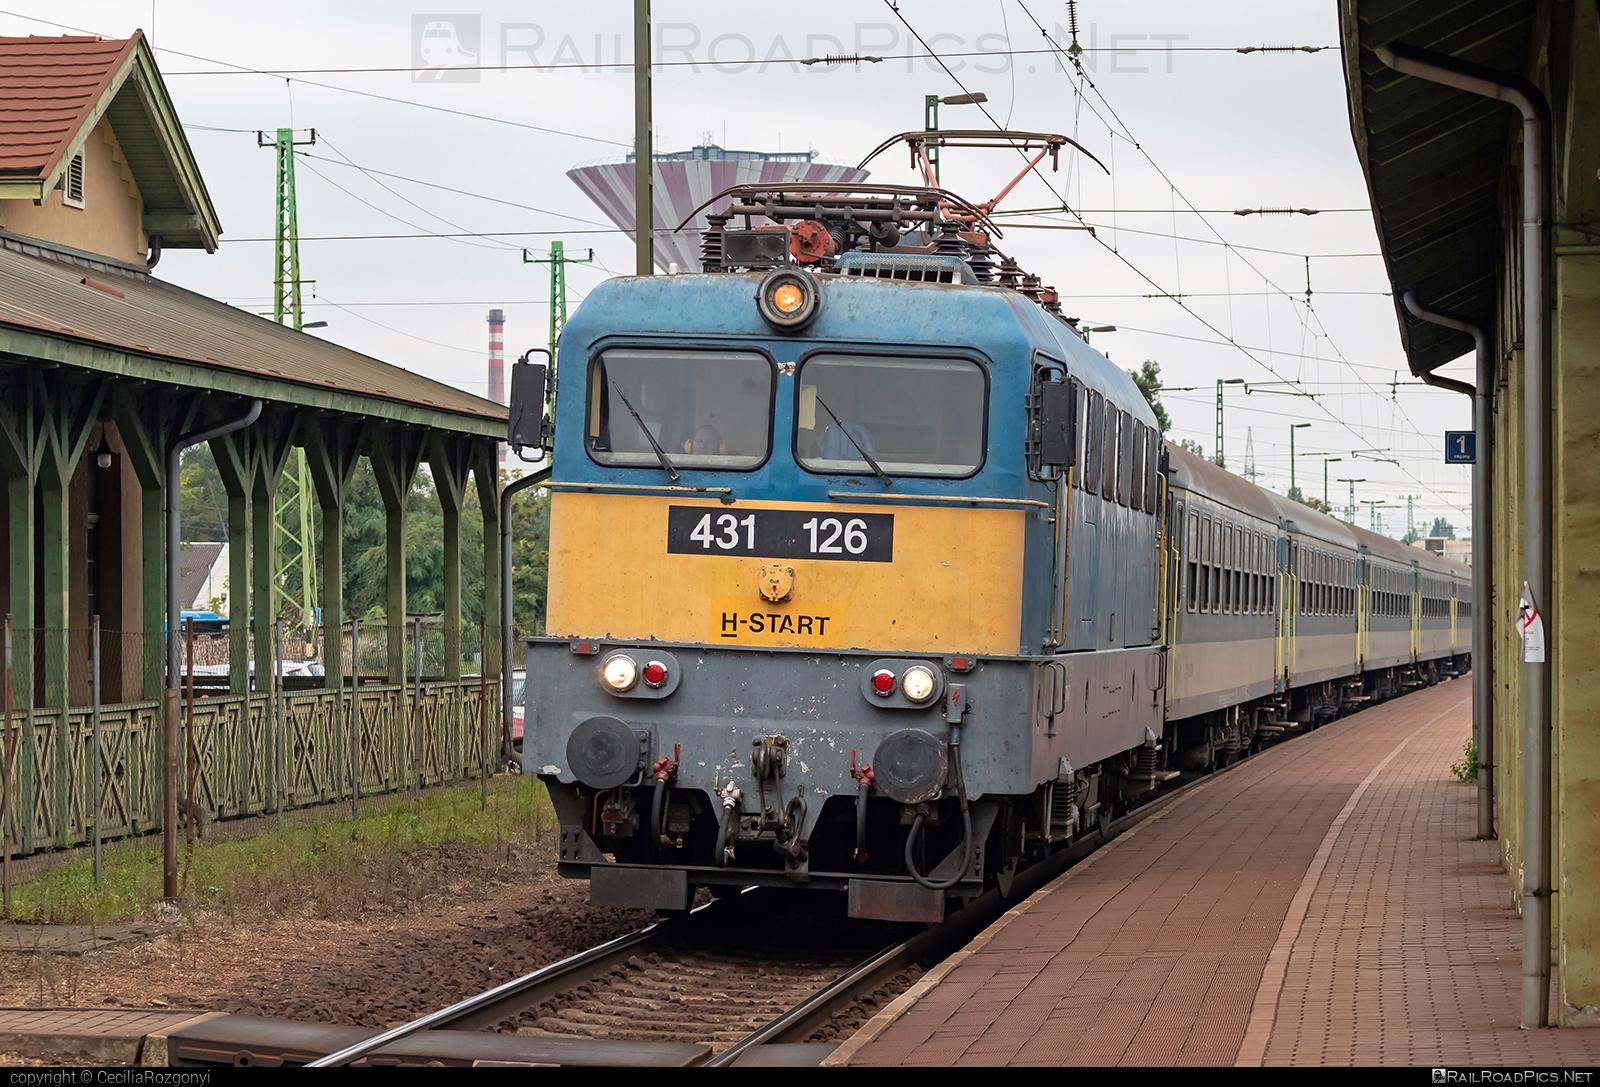 Ganz-MÁVAG VM14-12 - 431 126 operated by MÁV-START ZRt. #ganz43 #ganz431 #ganzmavag #ganzmavag43 #ganzmavag431 #ganzmavagvm1412 #mavstart #mavstartzrt #v43locomotive